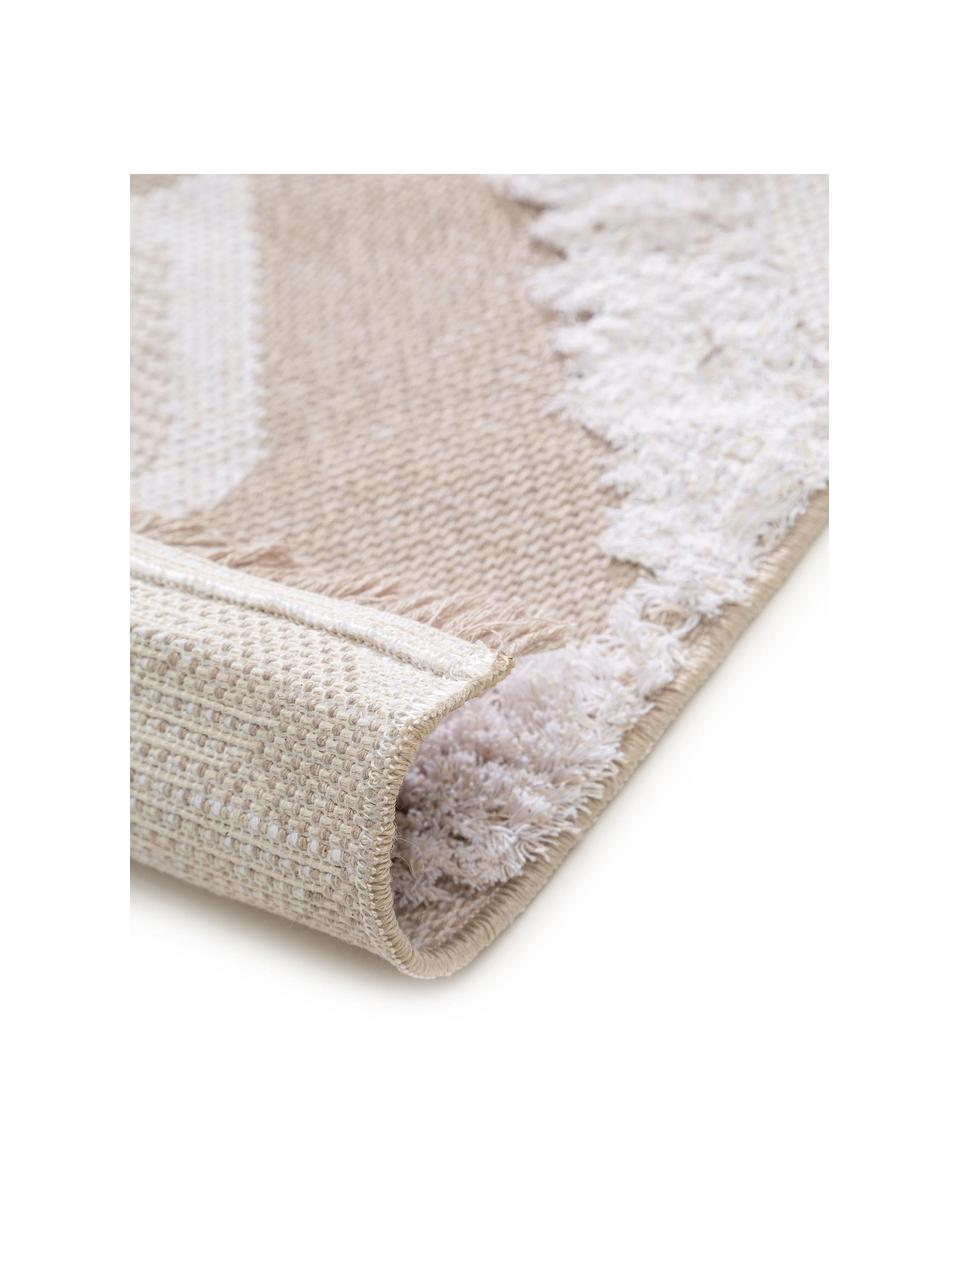 Waschbarer Boho Baumwollteppich Oslo Squares mit Hoch-Tief-Muster, 100% Baumwolle, Cremeweiß, Beige, B 75 x L 150 cm (Größe XS)